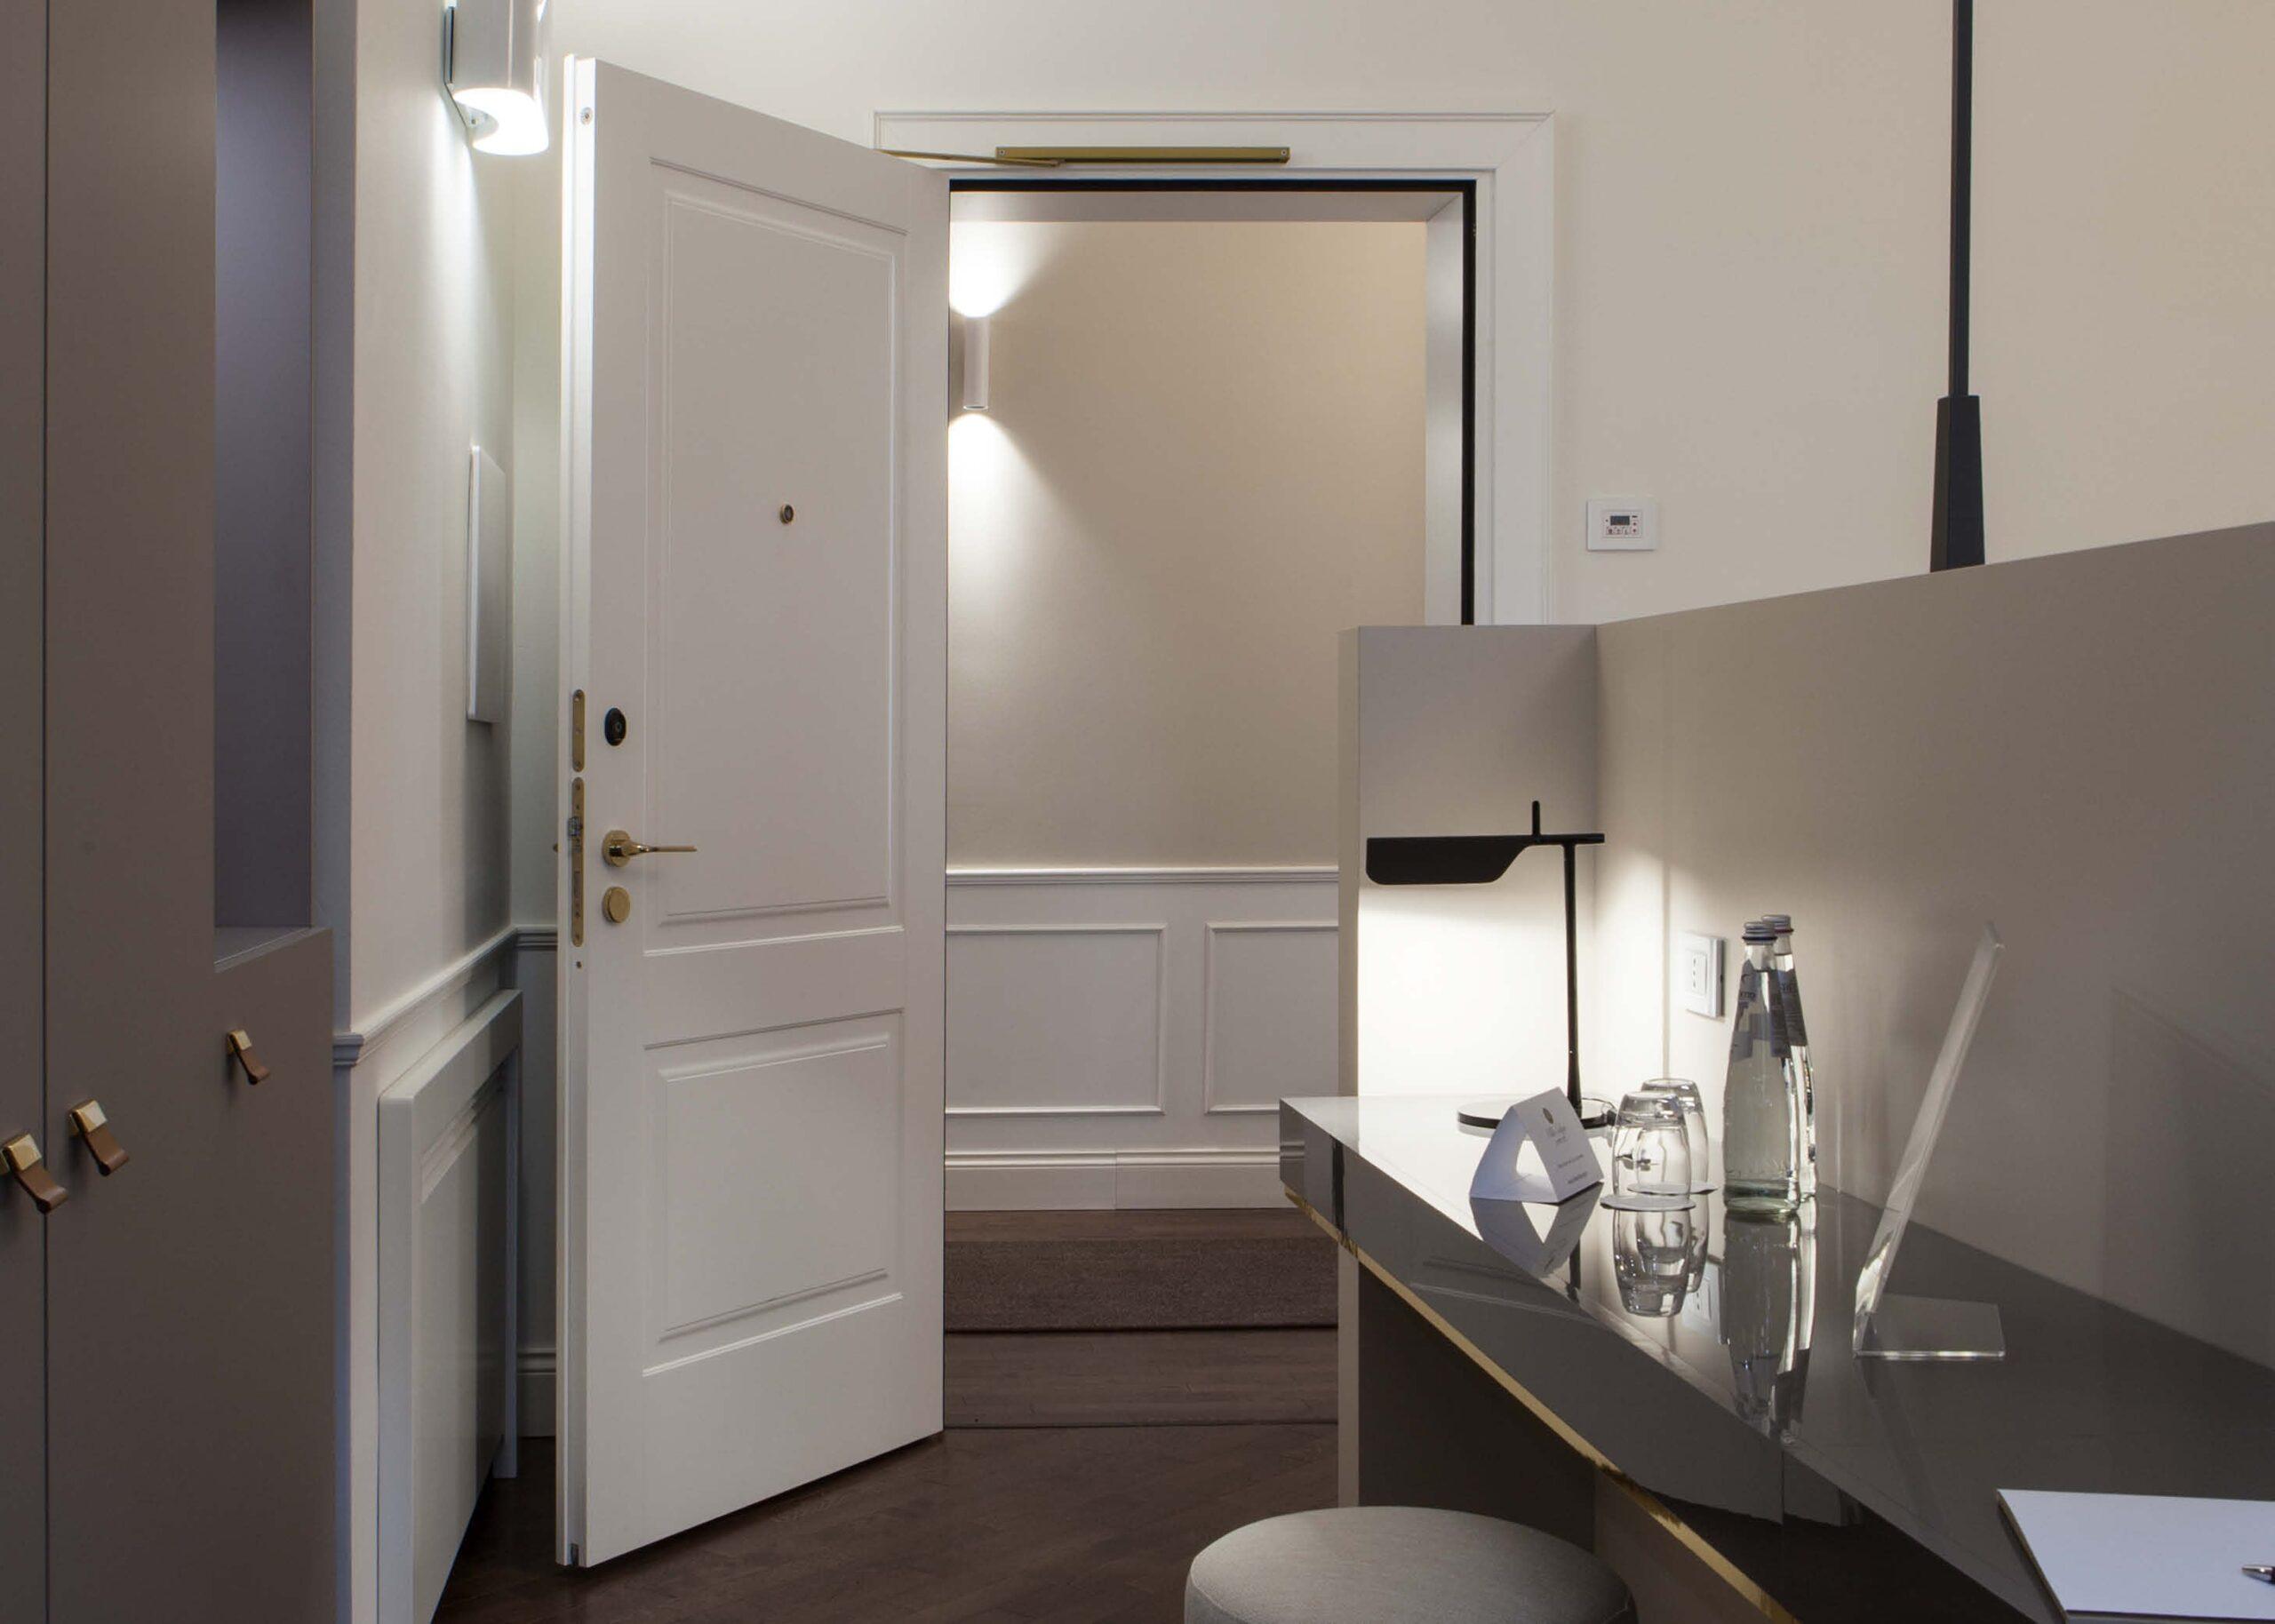 https://www.gd-dorigo.com/wp-content/uploads/2020/10/Porte-Hotel-Villa-Soligo-GD-Dorigo-4-1280x914.jpg